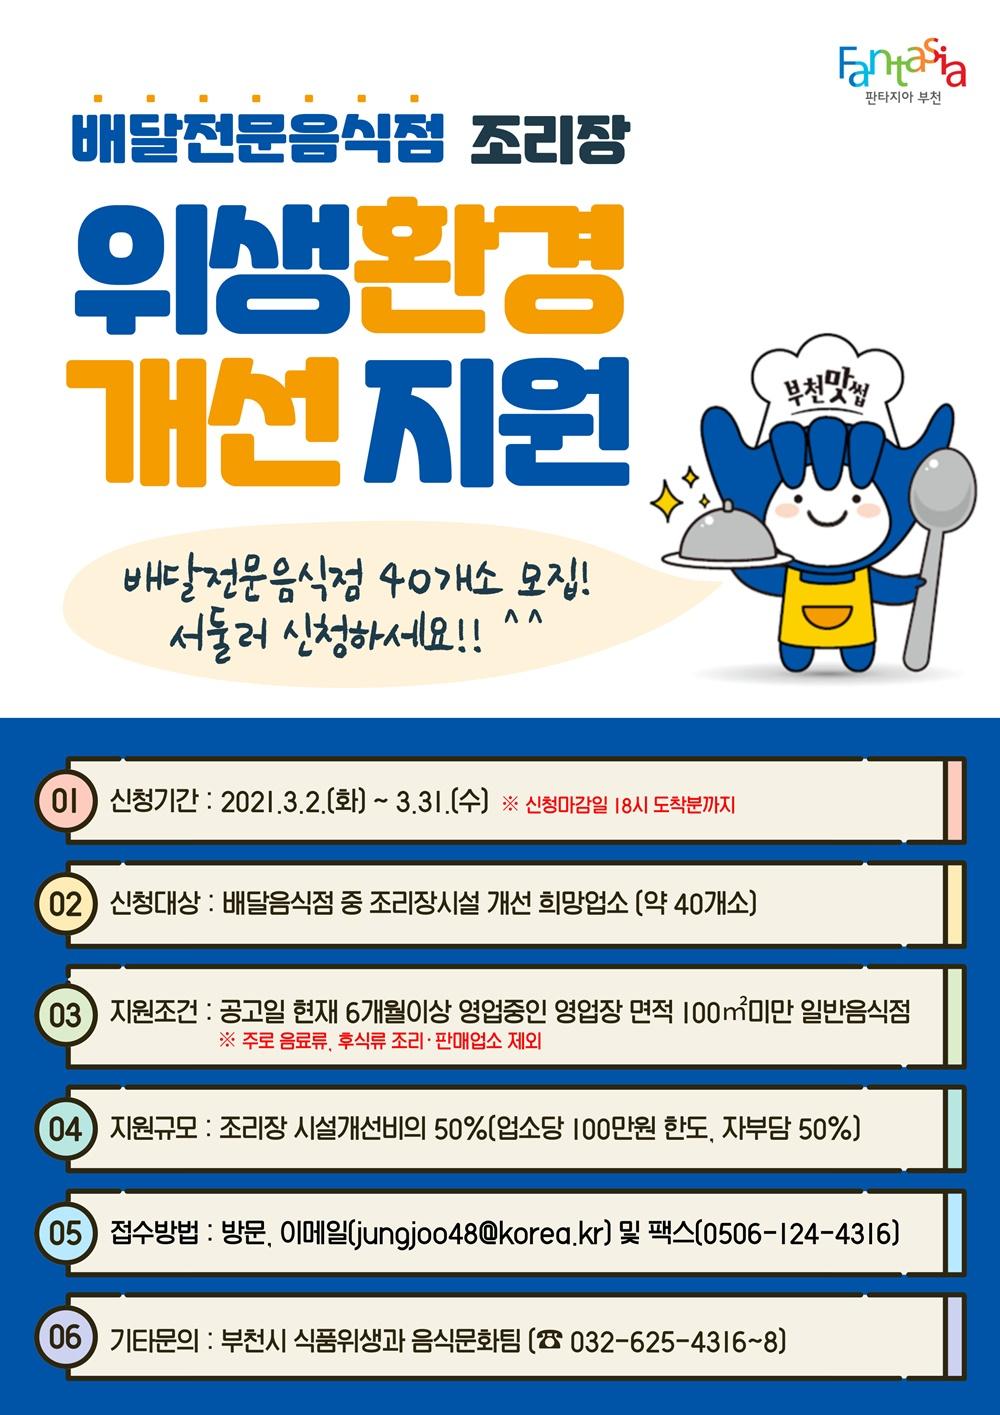 ▲ 배달전문음식점 조리장 위생환경 개선 지원 사업 홍보물